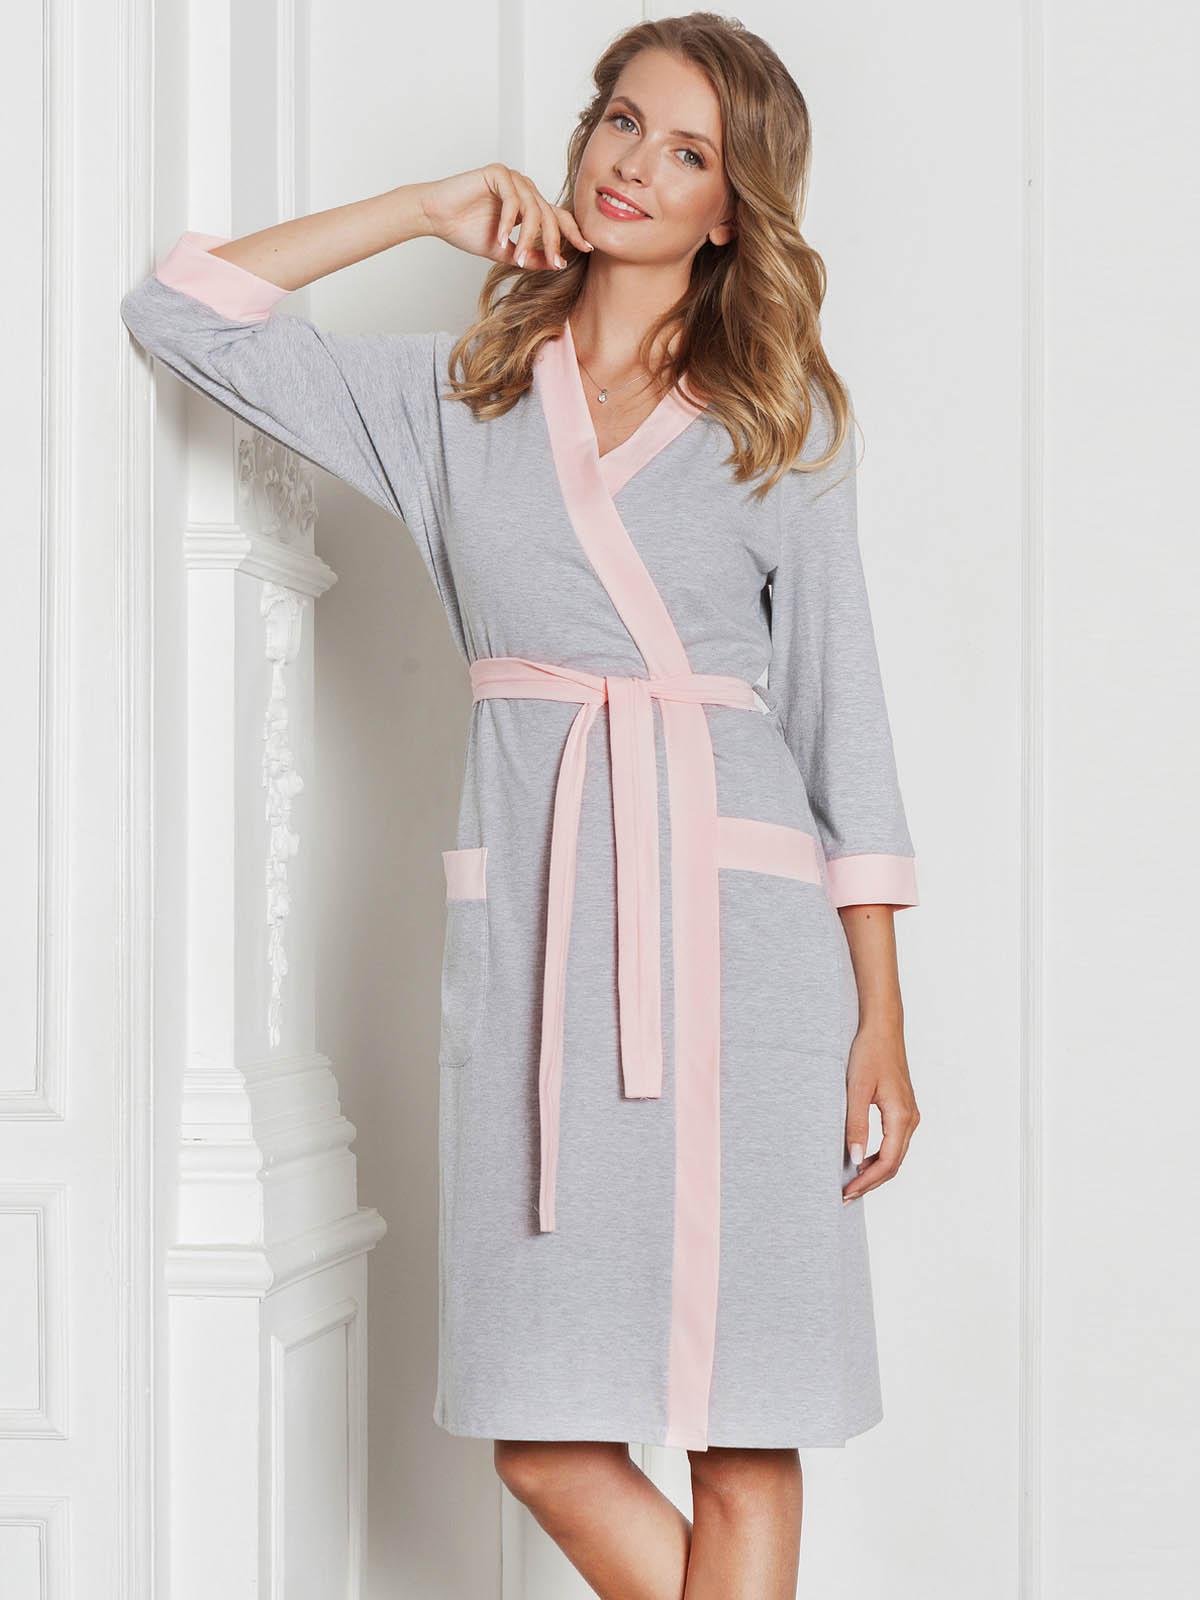 e8c6d2cf221d Сорочки, халаты, пижамы для кормящих мам